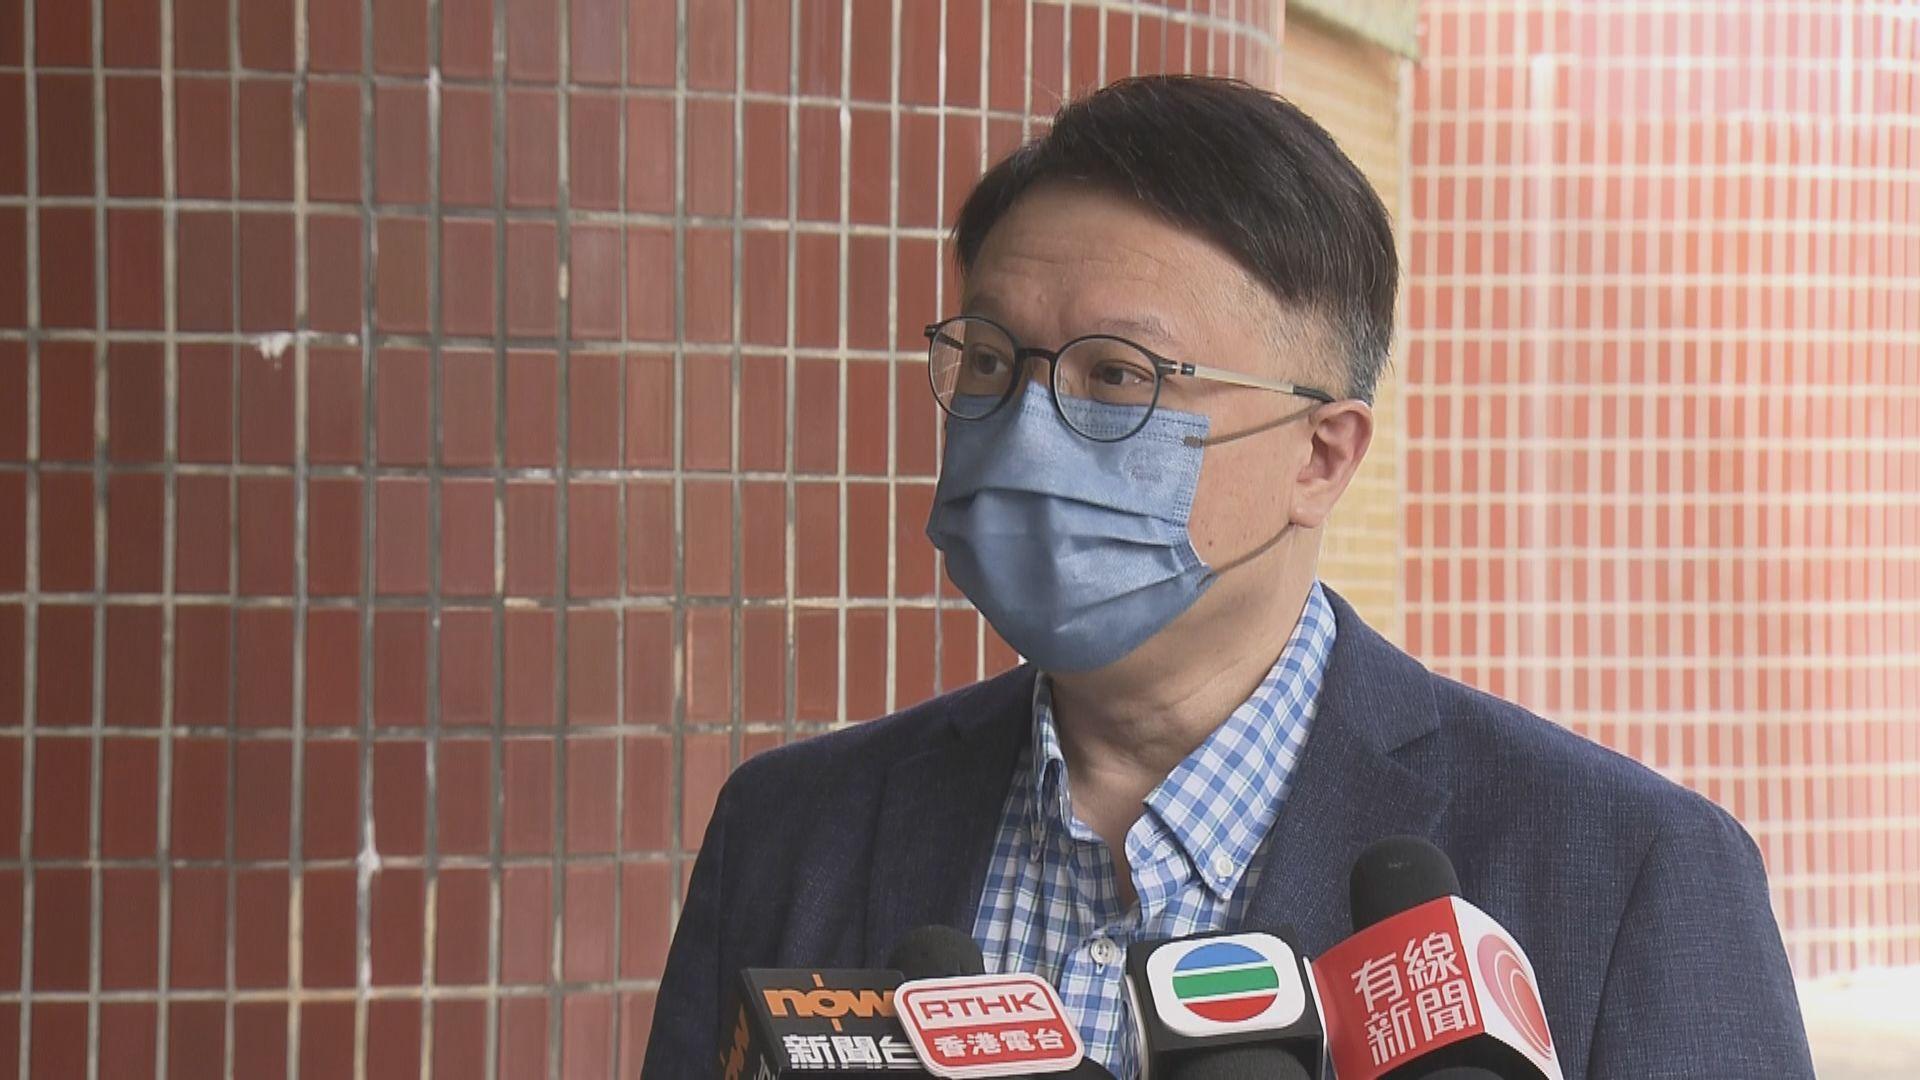 許樹昌:很大機會跟隨世衛建議同步接種新冠及流感疫苗